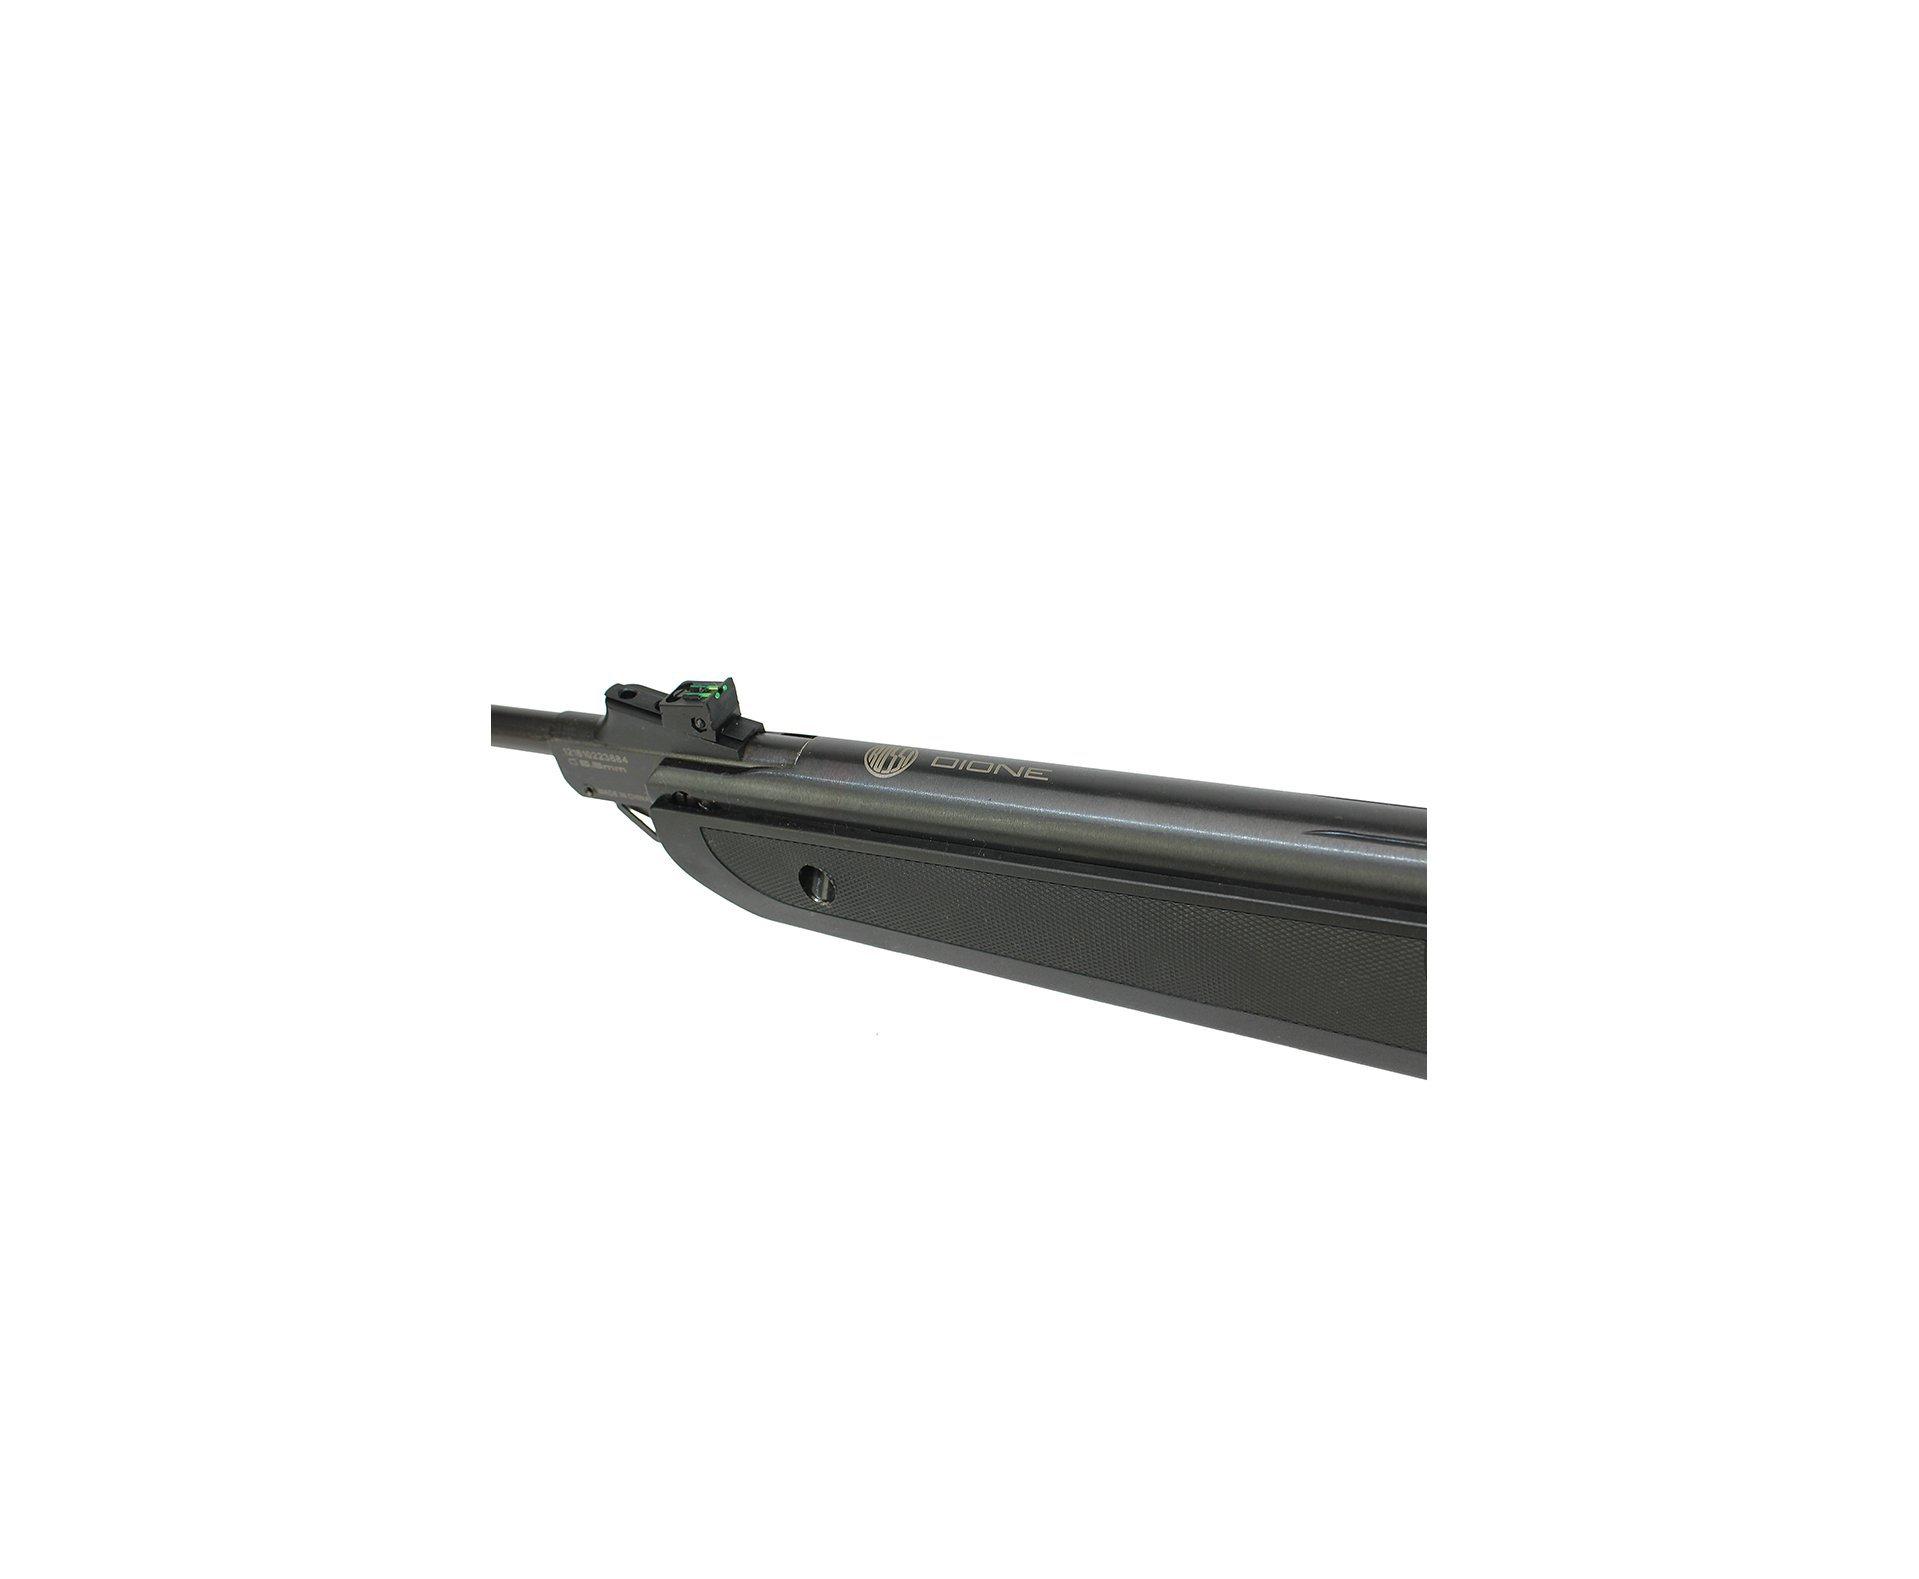 Carabina De Pressão Nova Dione Black Cal 5,5mm - 3° Geração - Rossi